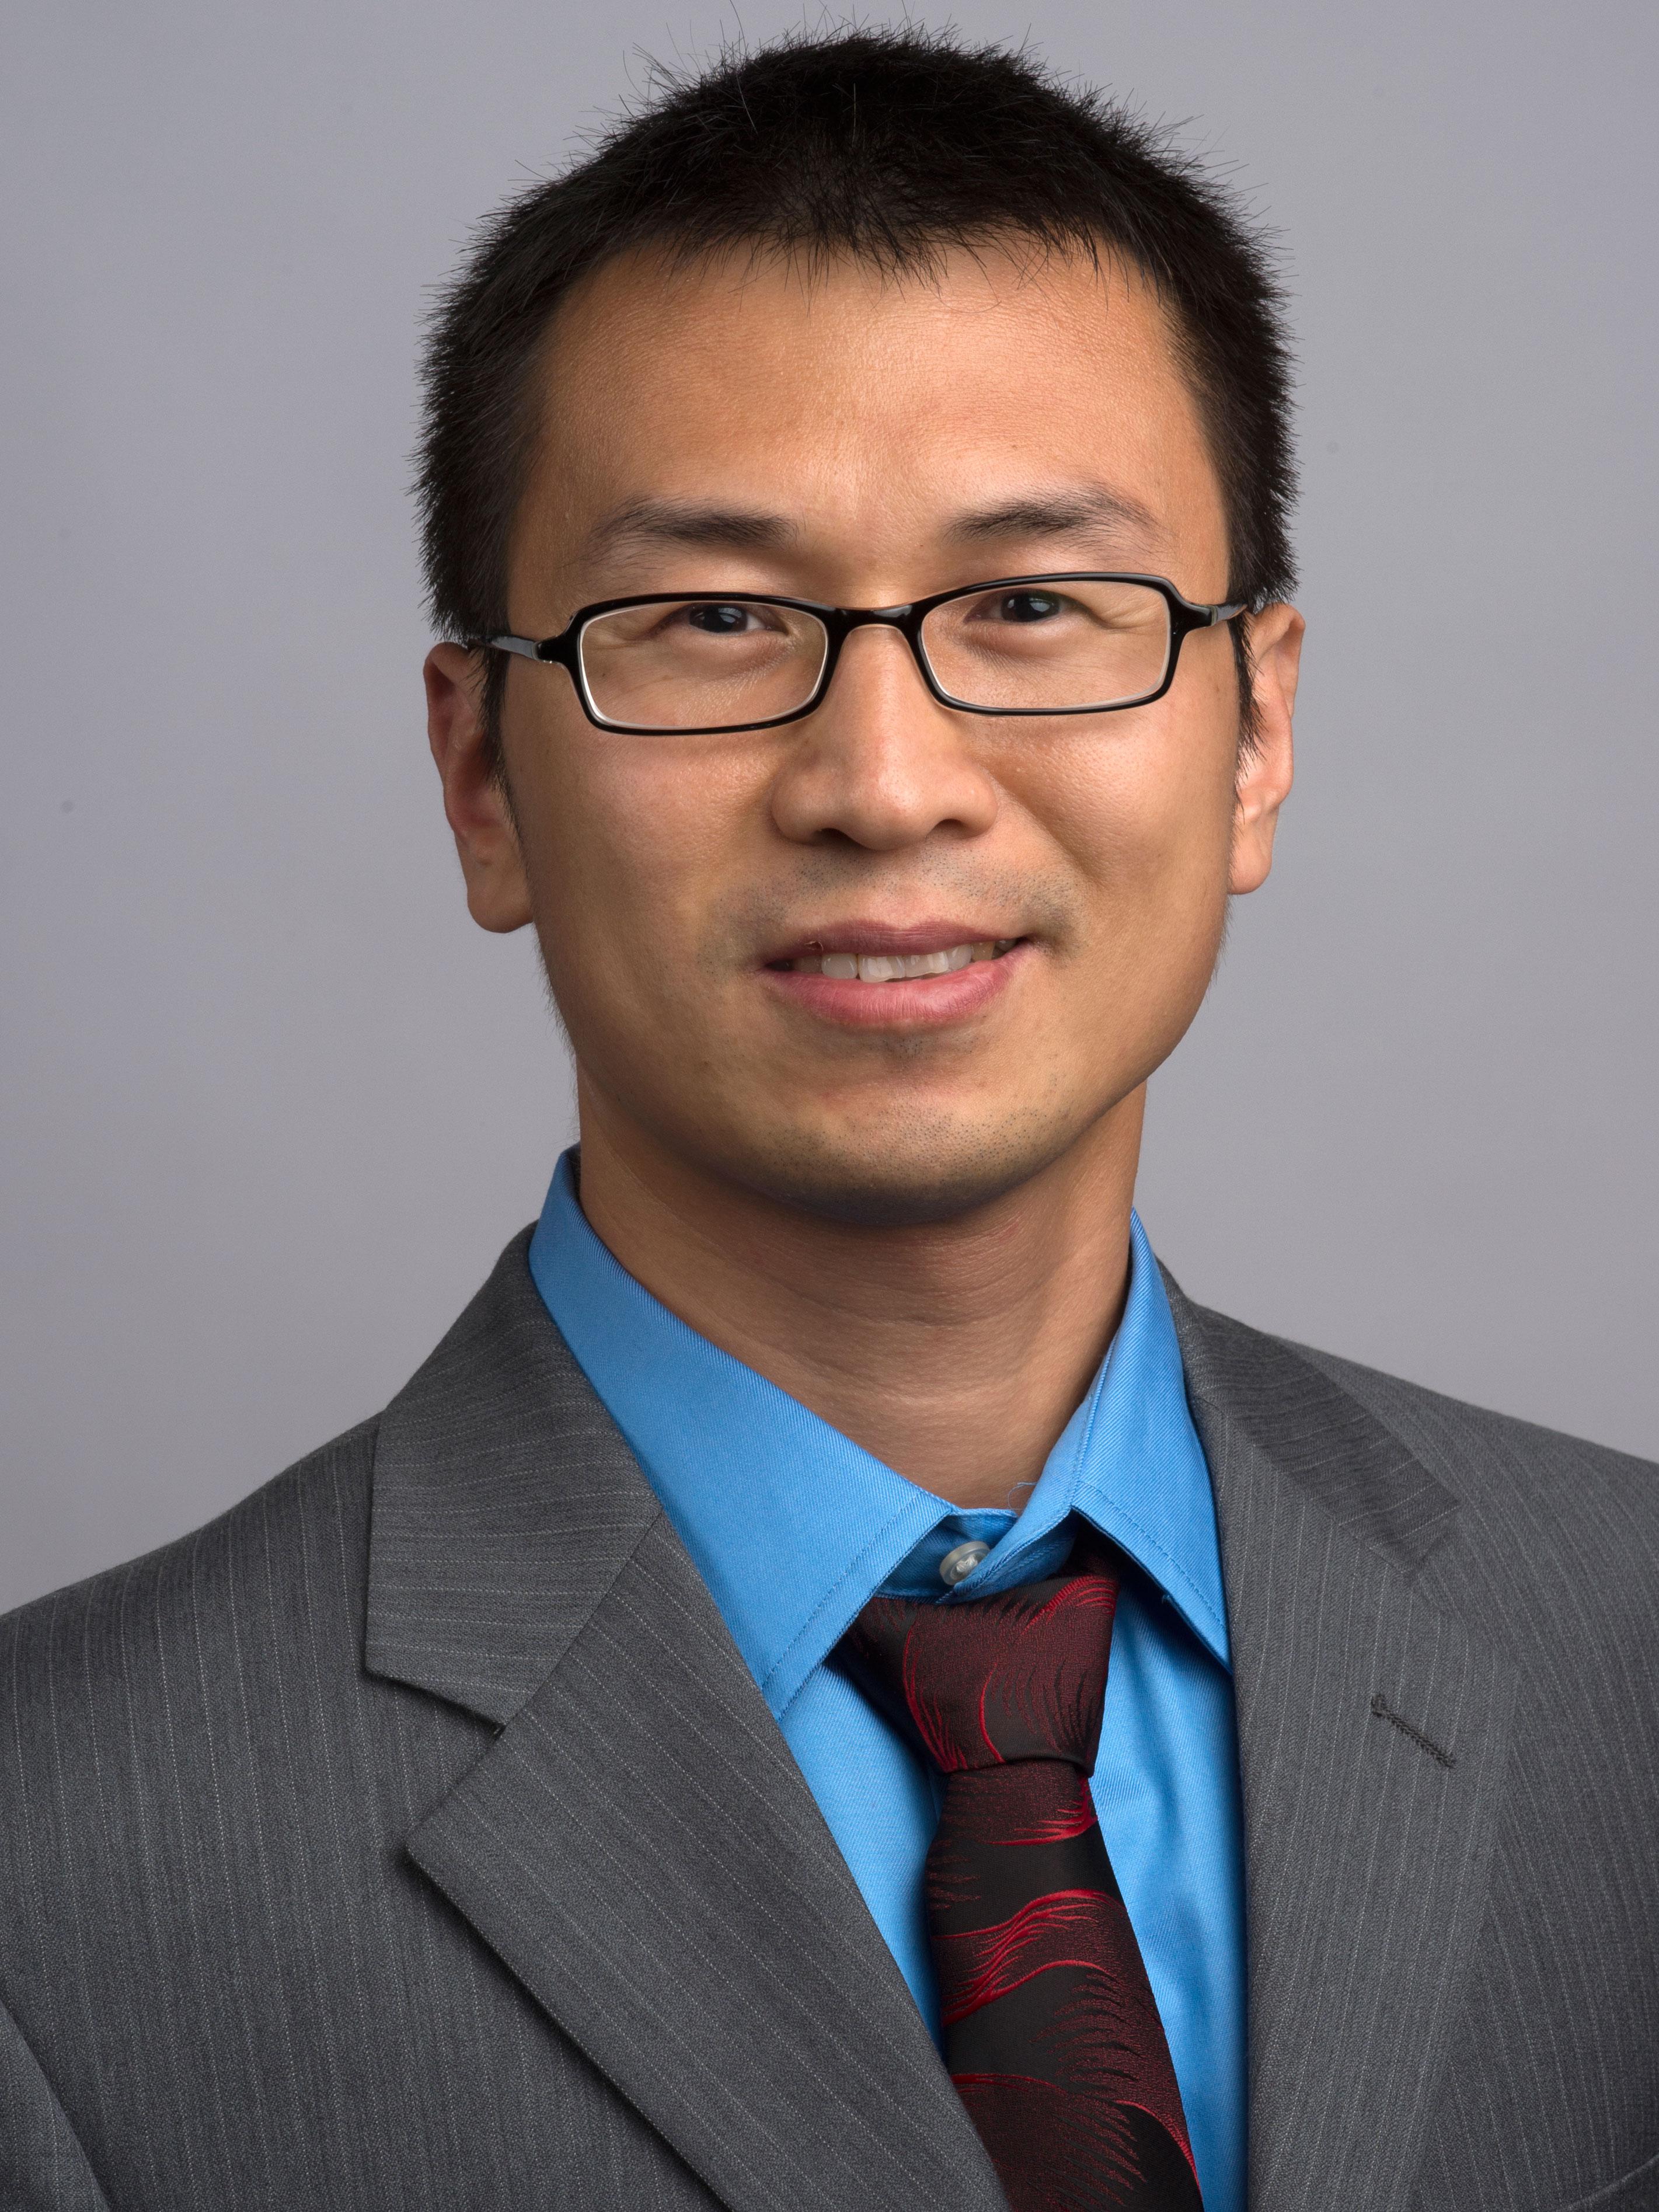 Qianqian Fang